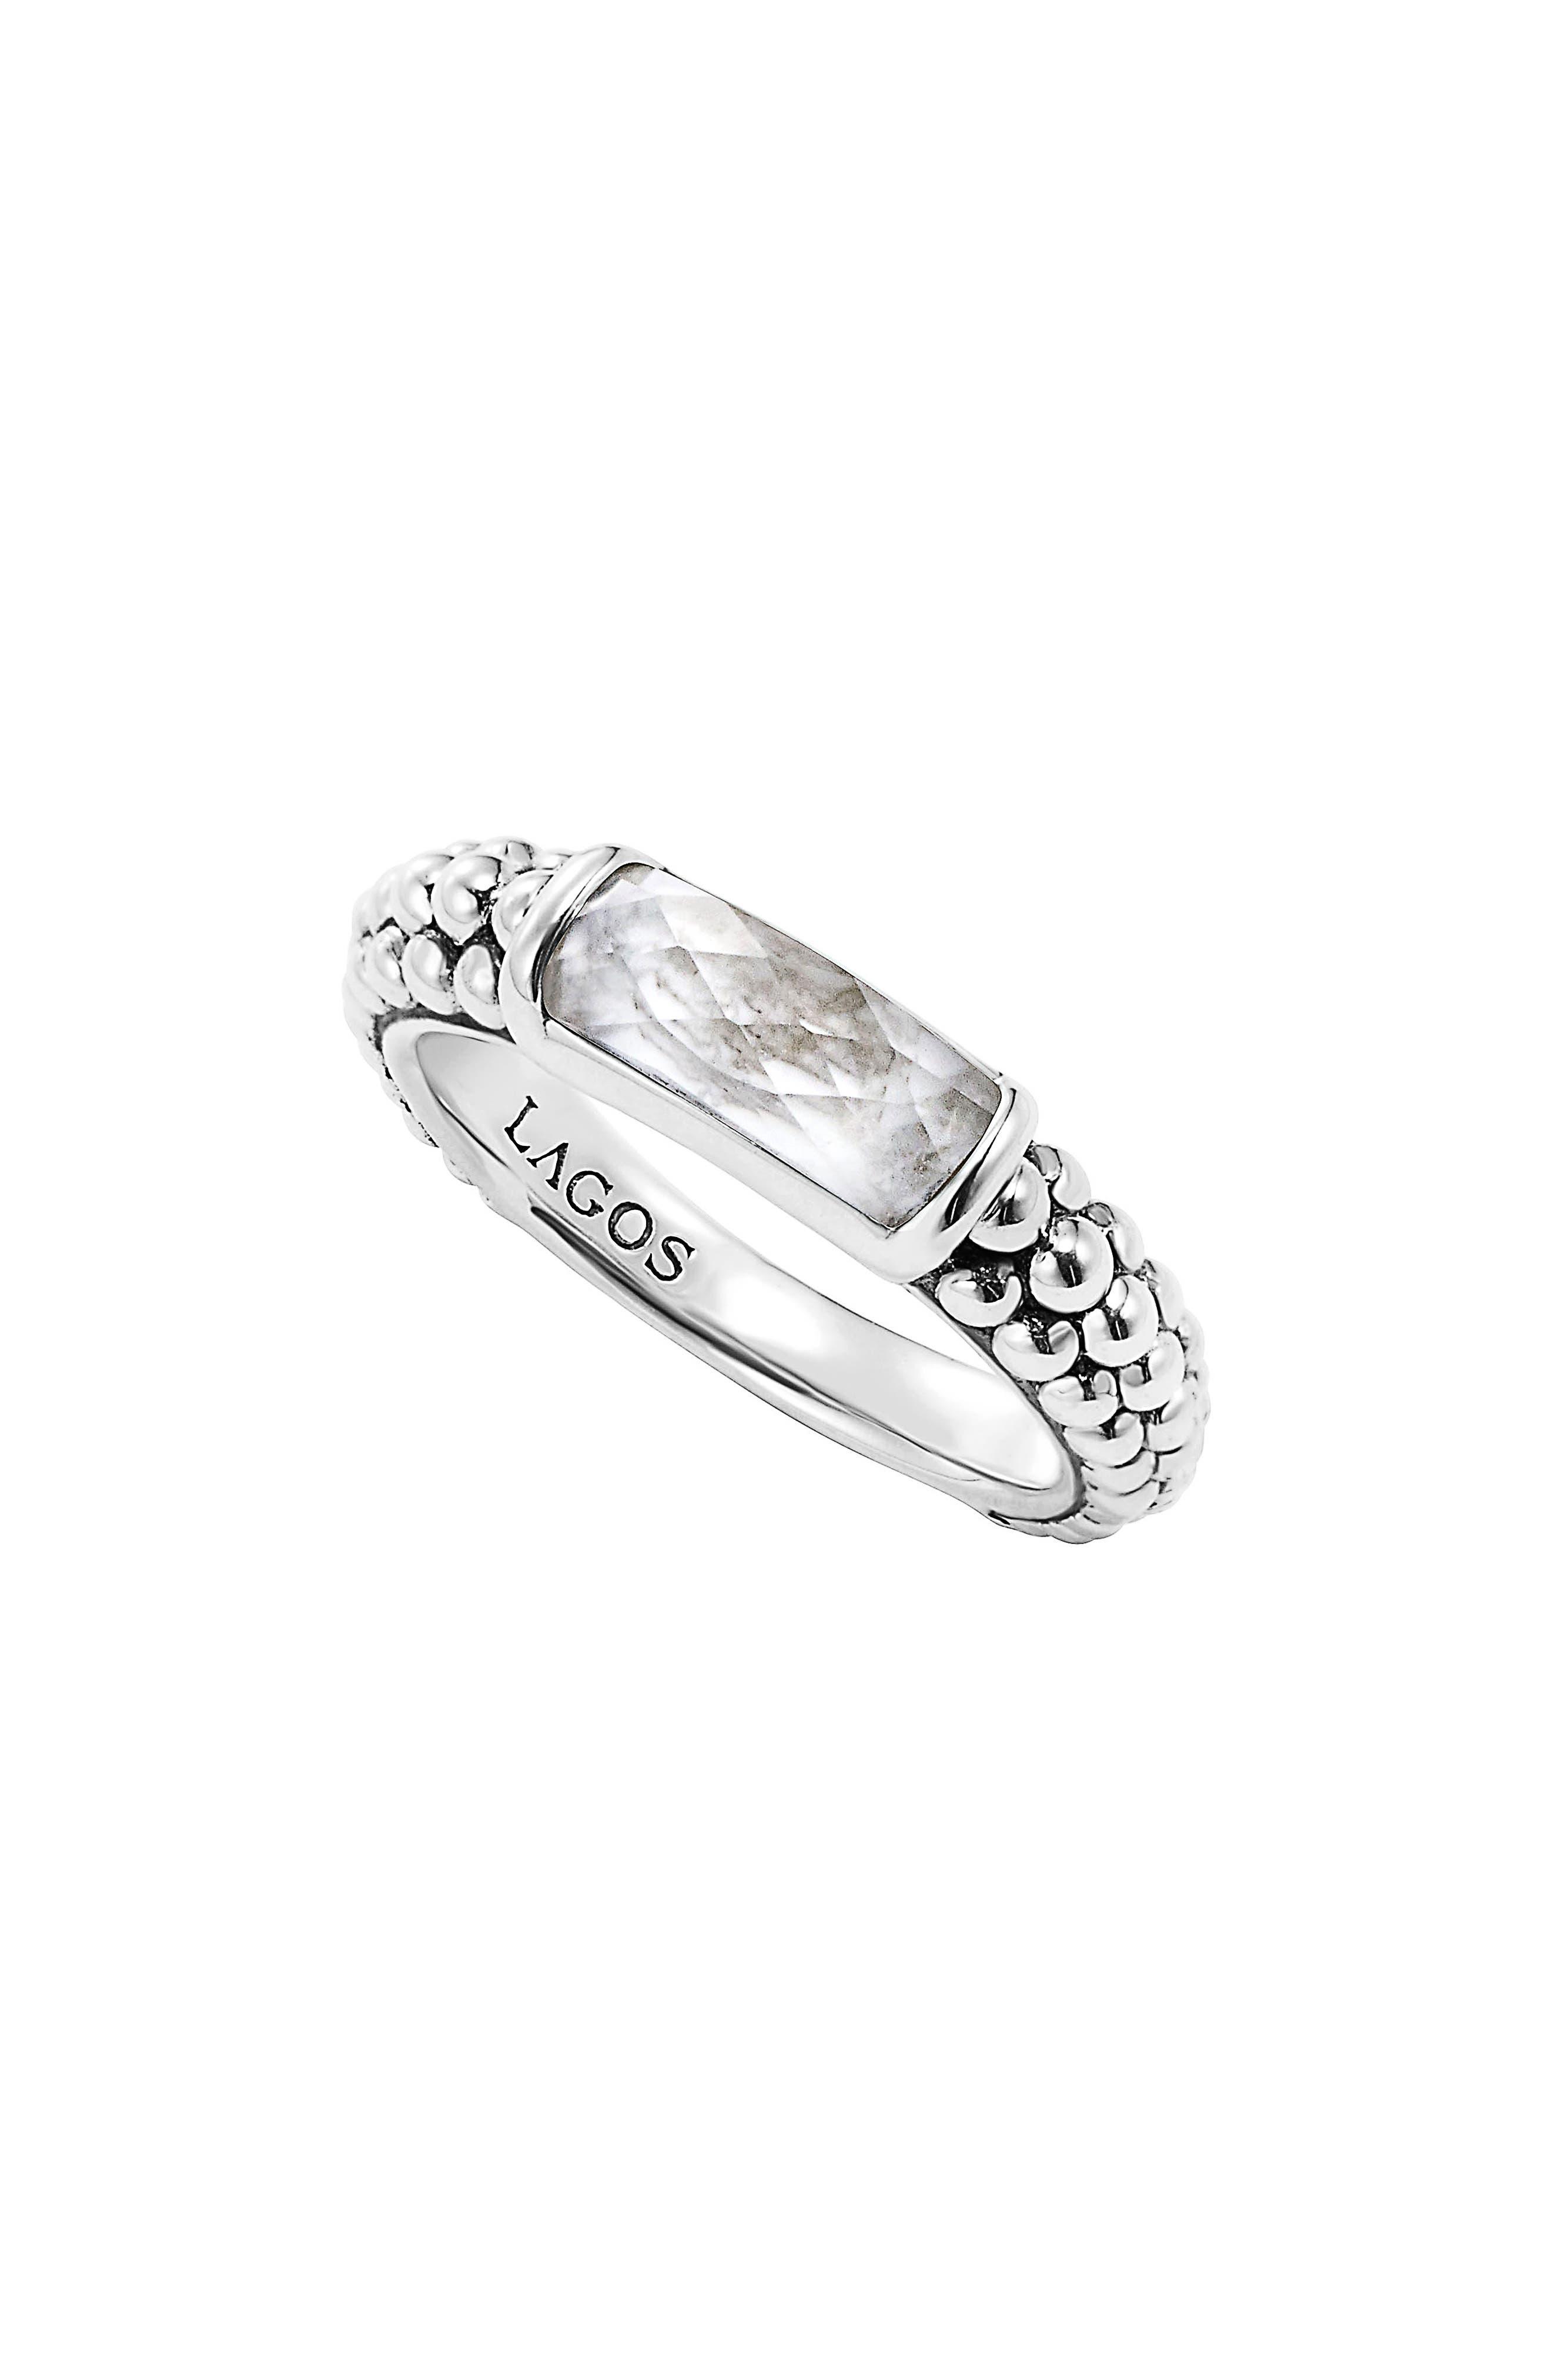 Main Image - LAGOS 'Maya' Stackable Caviar Ring